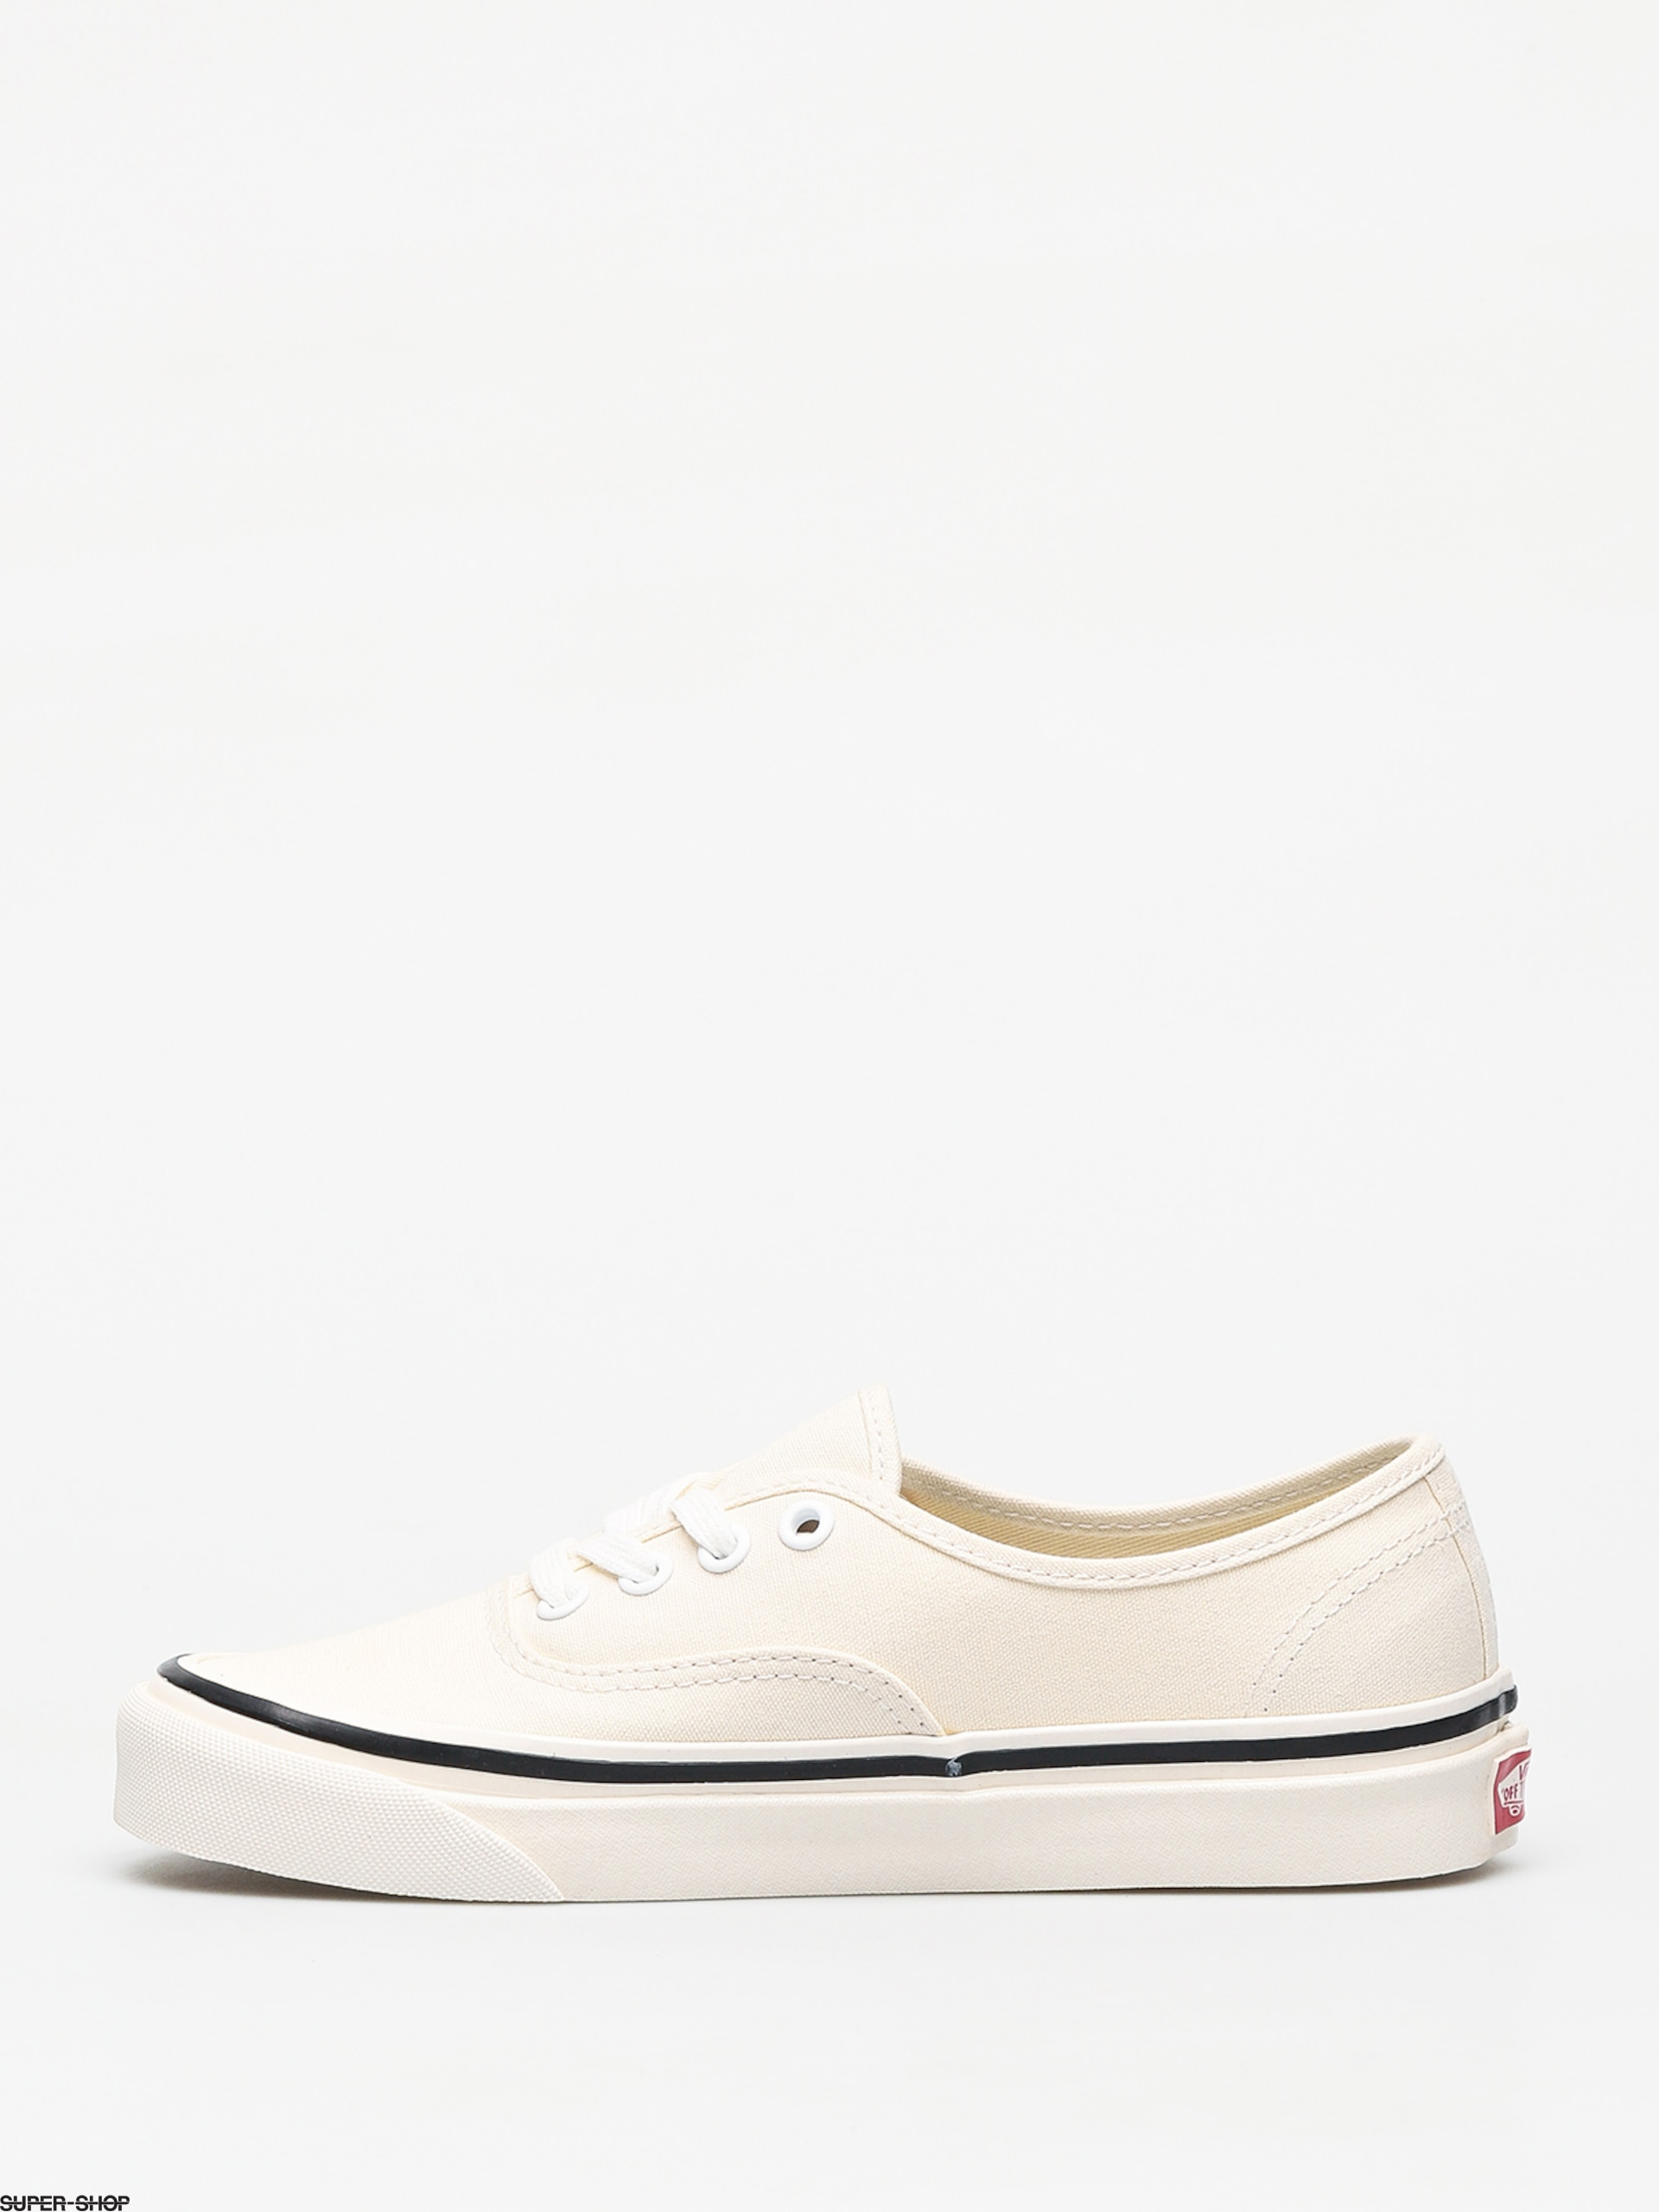 Vans Authentic 44 Dx Shoes (anaheim factory/classic)